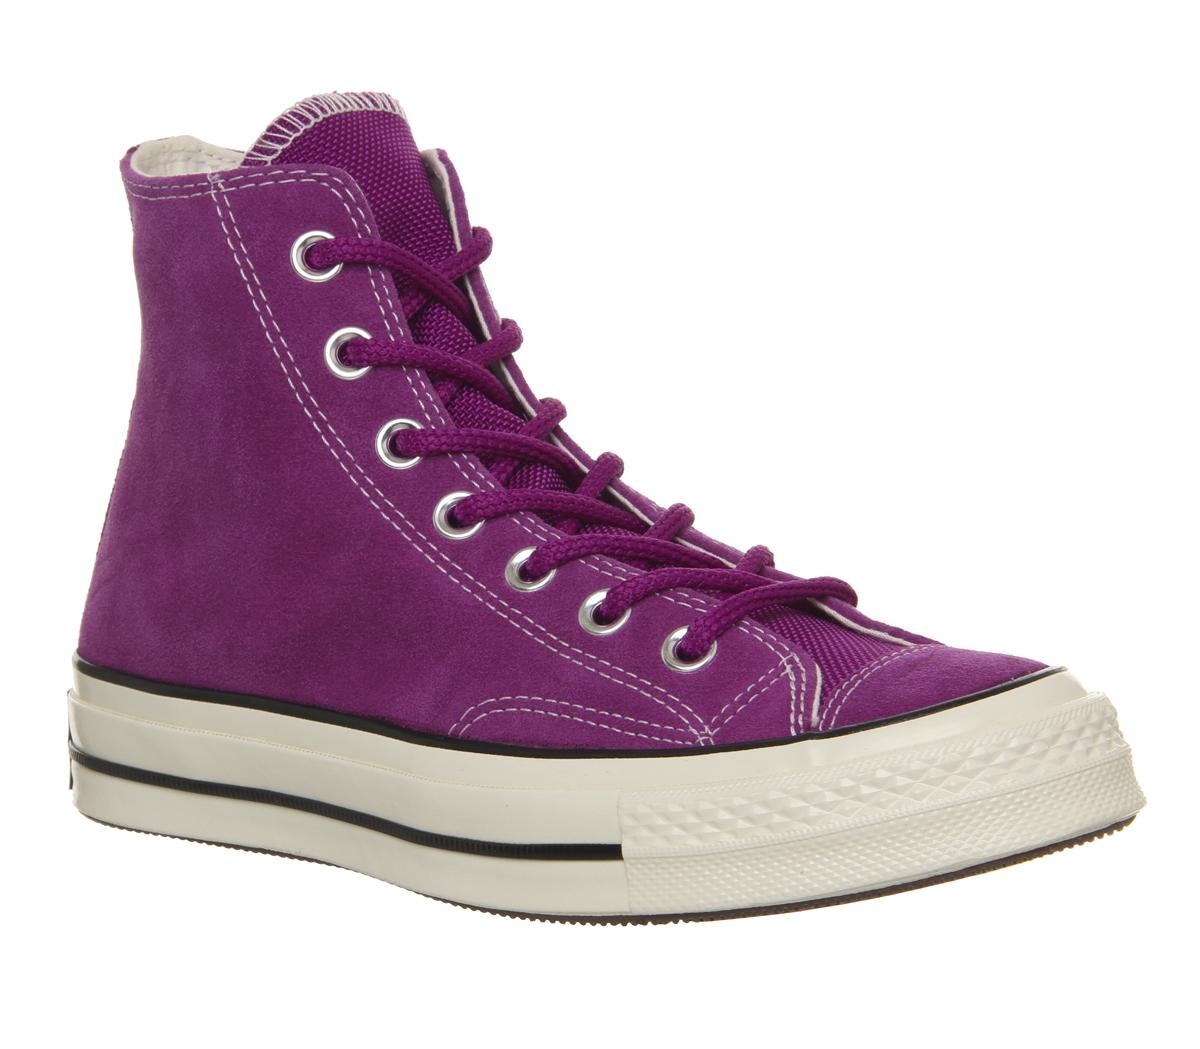 6e08f2d83e7 Détails sur Homme Converse All Star Hi années 70 Baskets Icône Violet Noir  Egret Baskets Chaussures- afficher le titre d origine